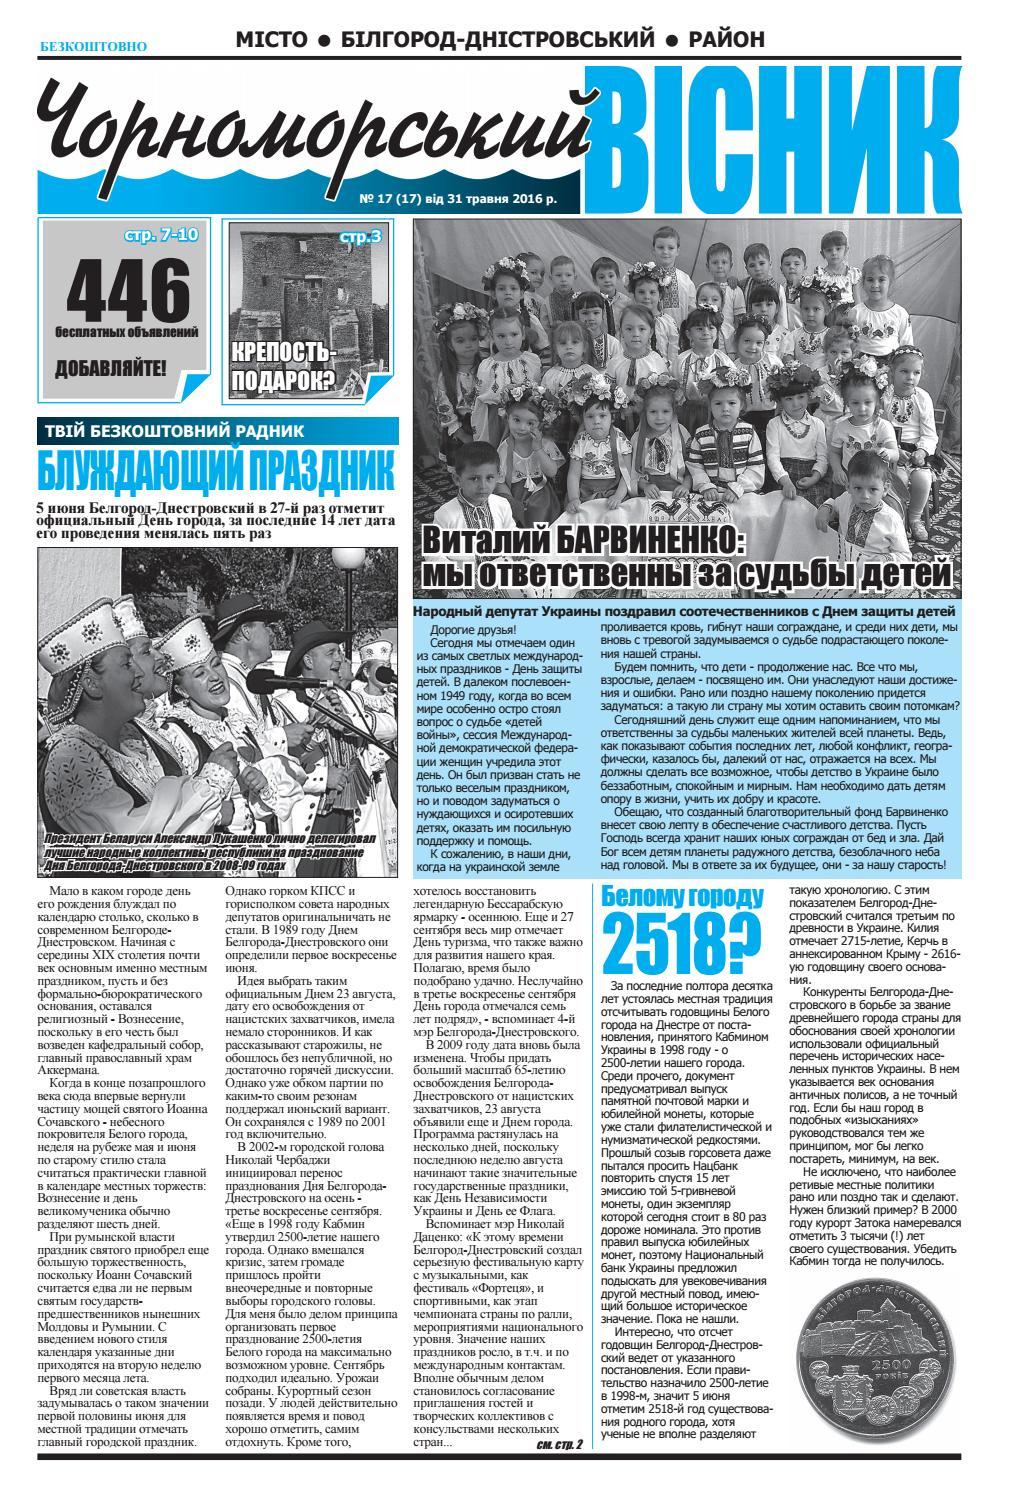 Белгород-днестровский, сергеевка знакомства мальчики знакомства мои кантакты